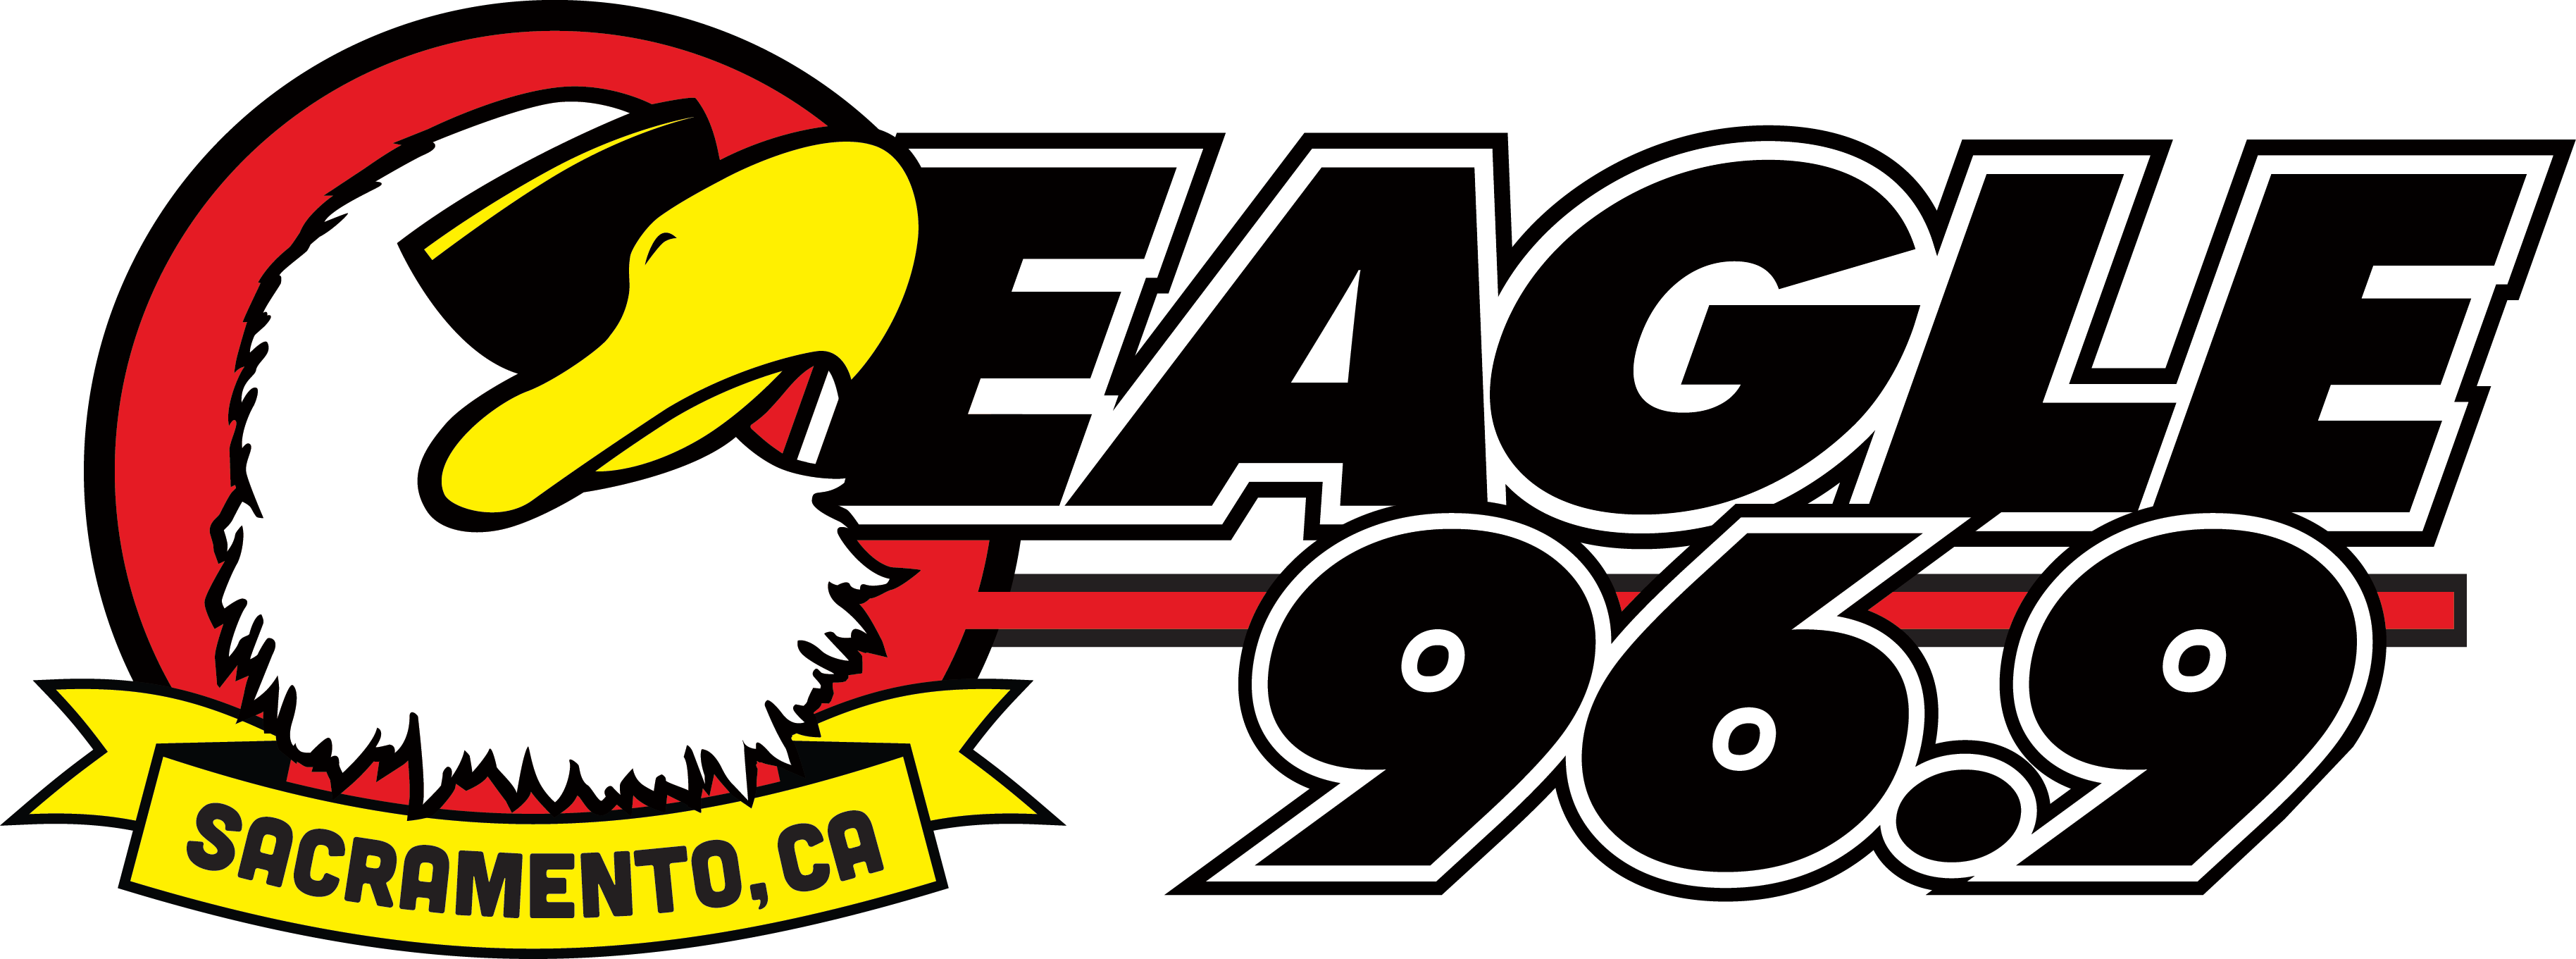 96.9 eagle